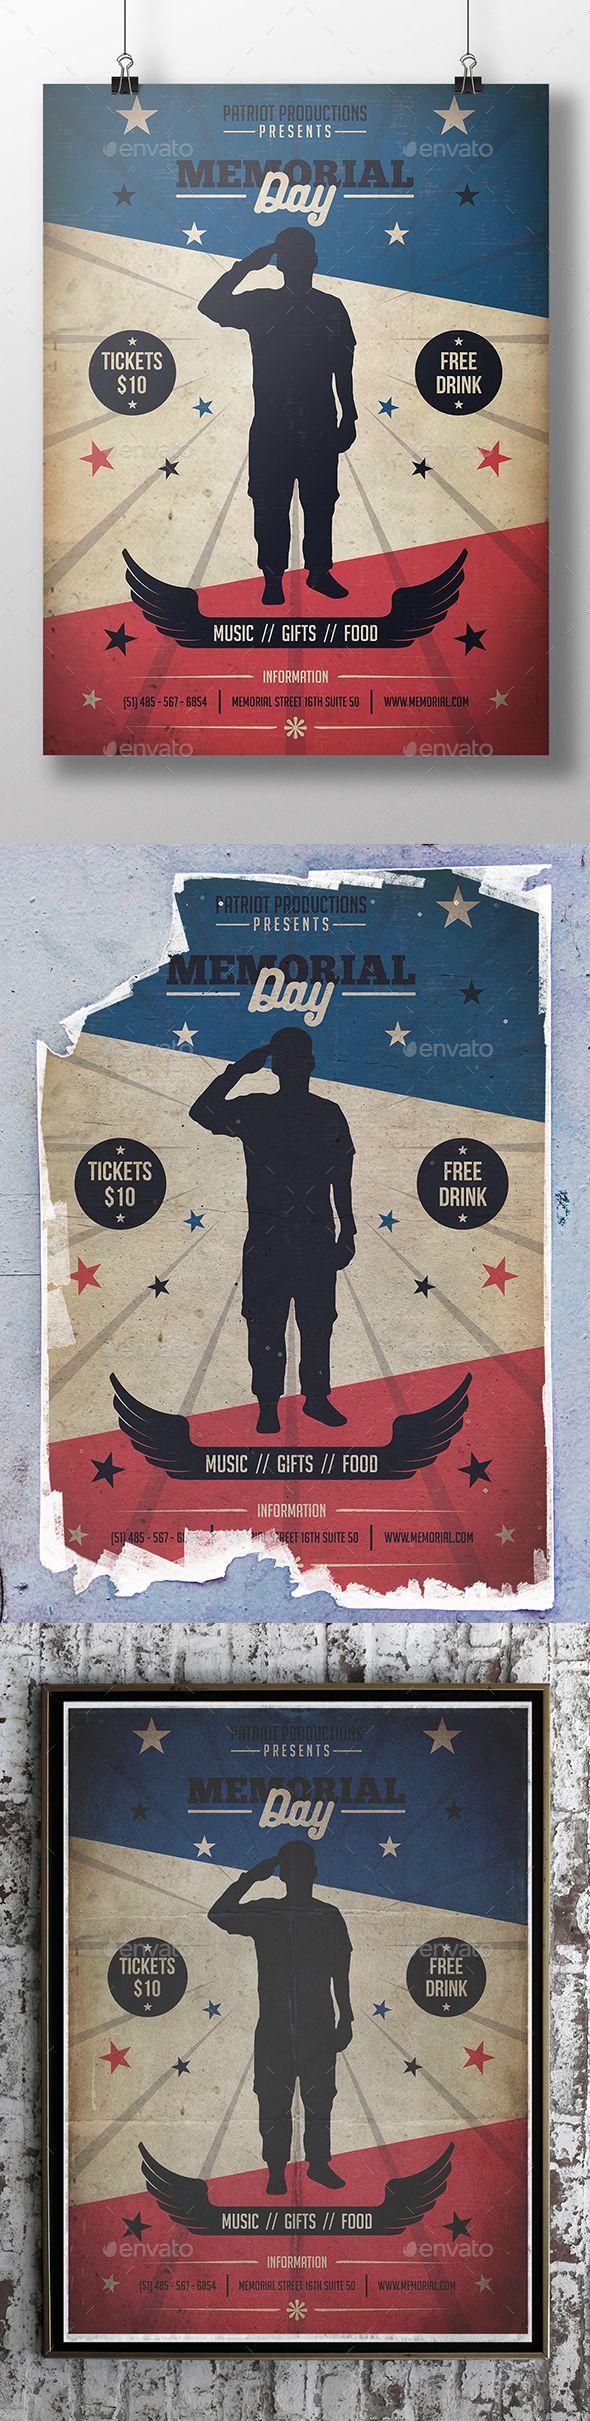 usaf memorial day poster